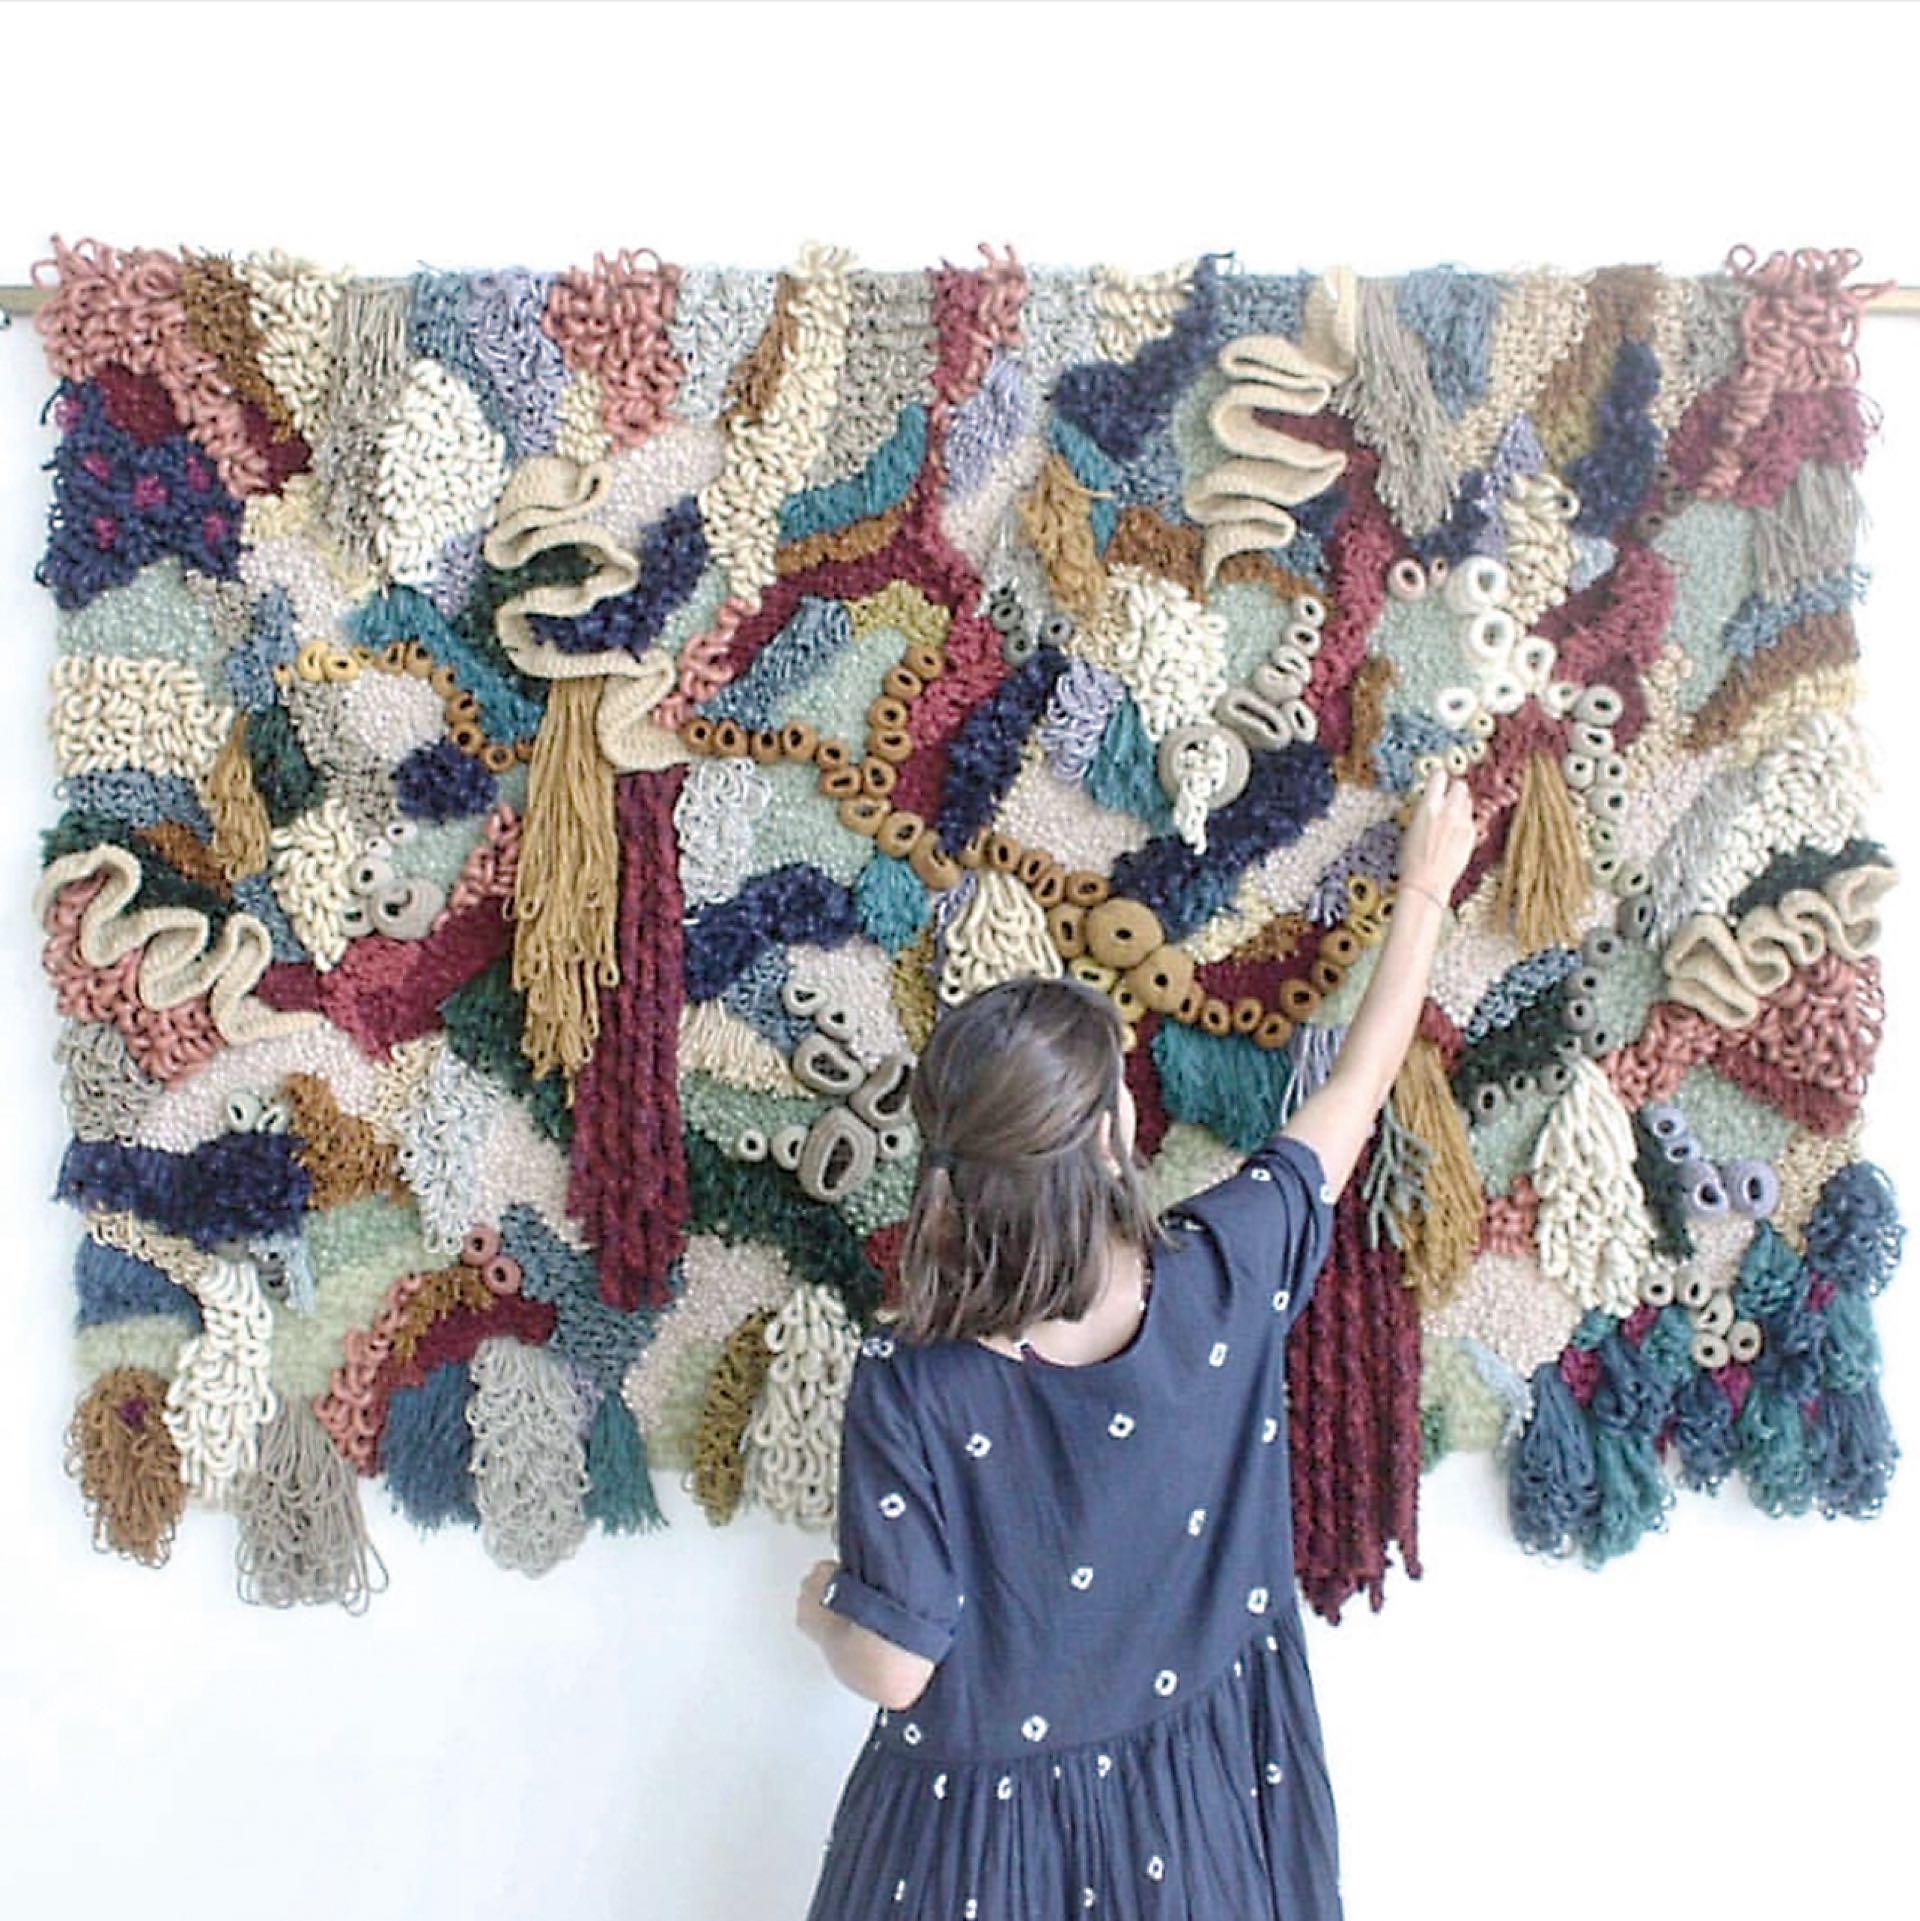 La artista portuguesa Vanessa Barragao y sus magníficas obras inspiradas en la naturaleza.